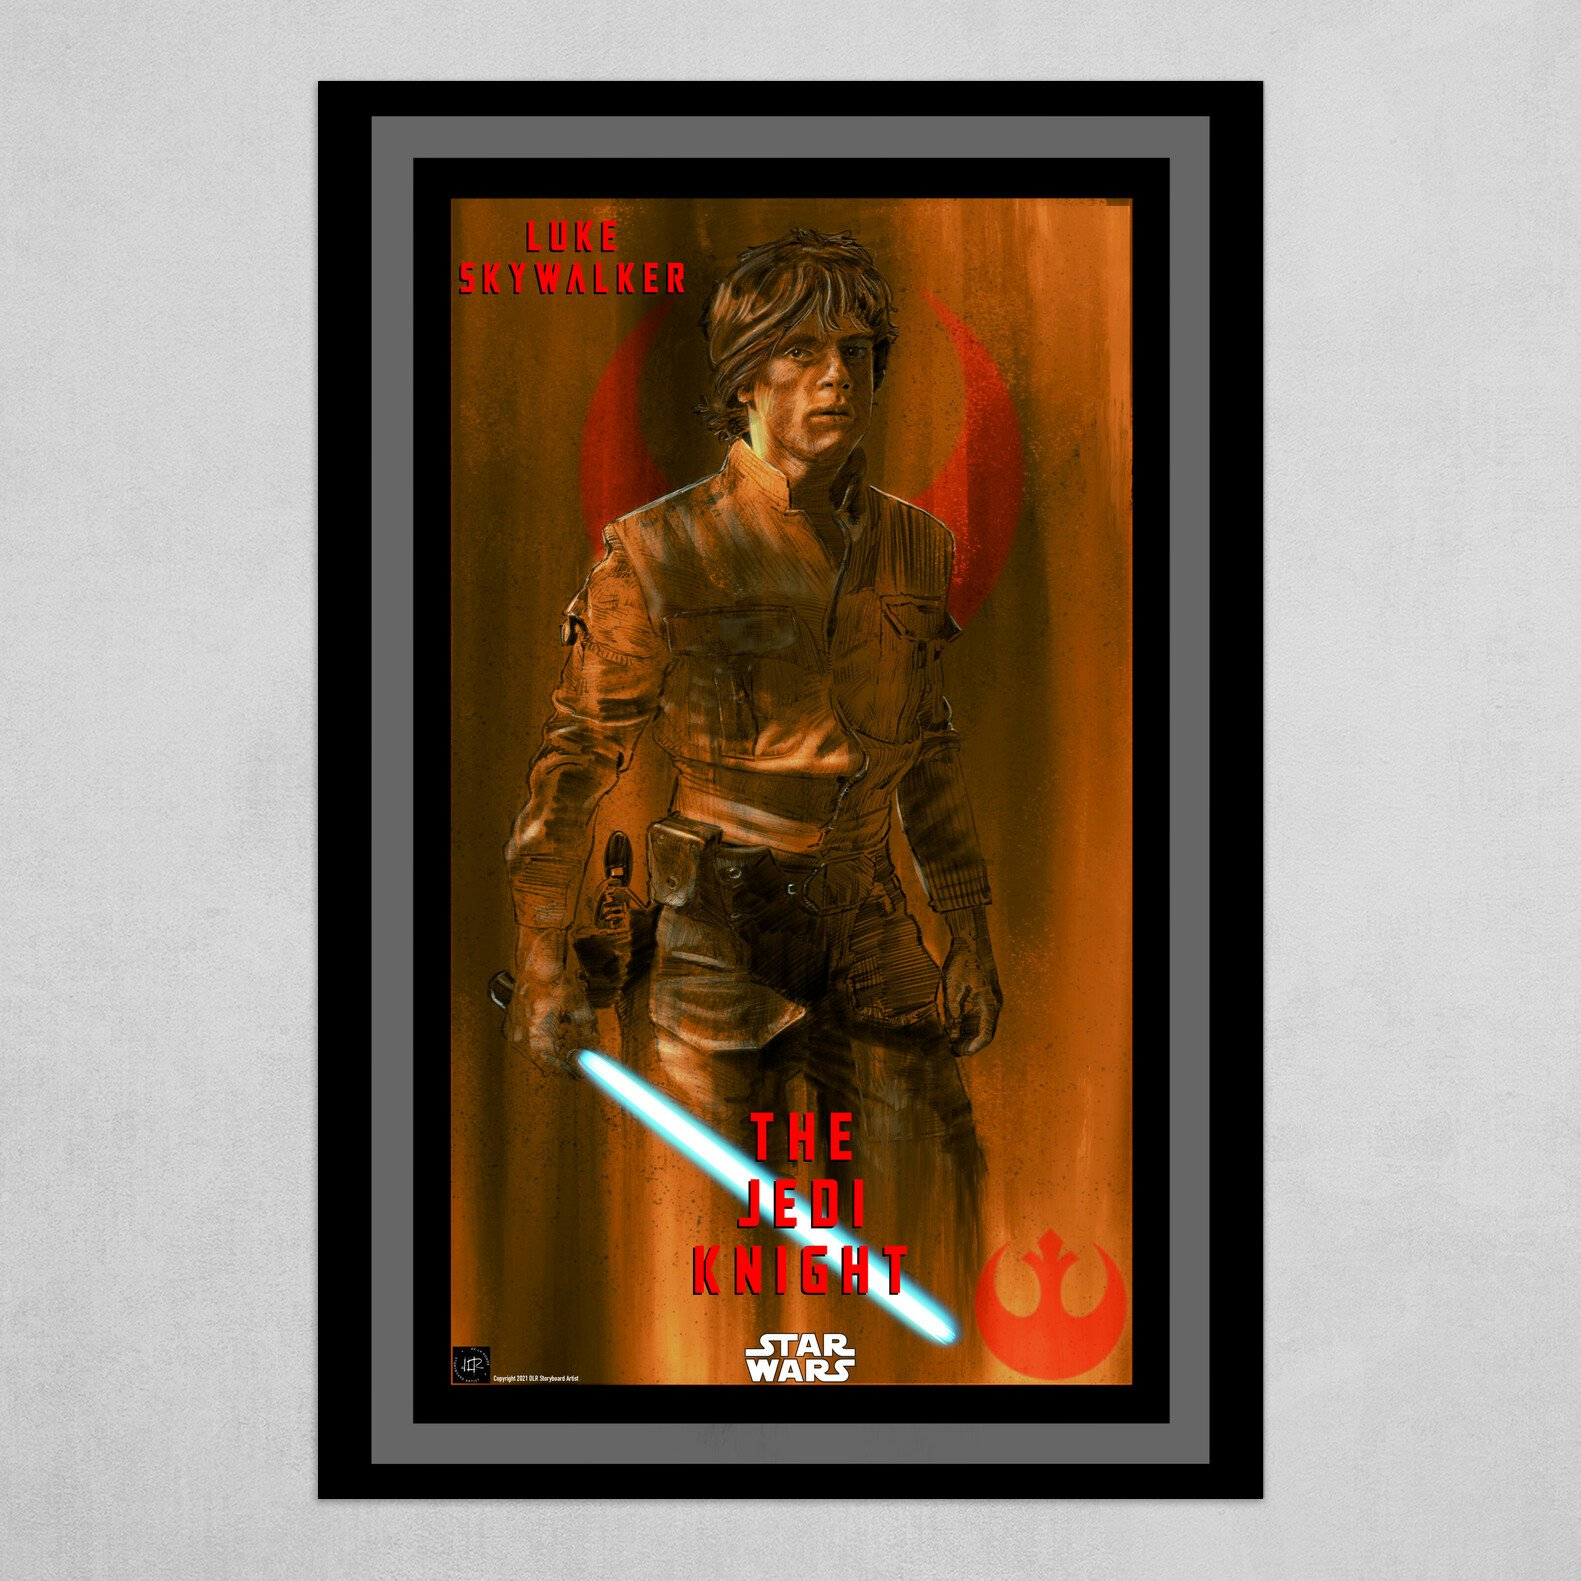 Luke Skywalker-The Jedi Knight Poster